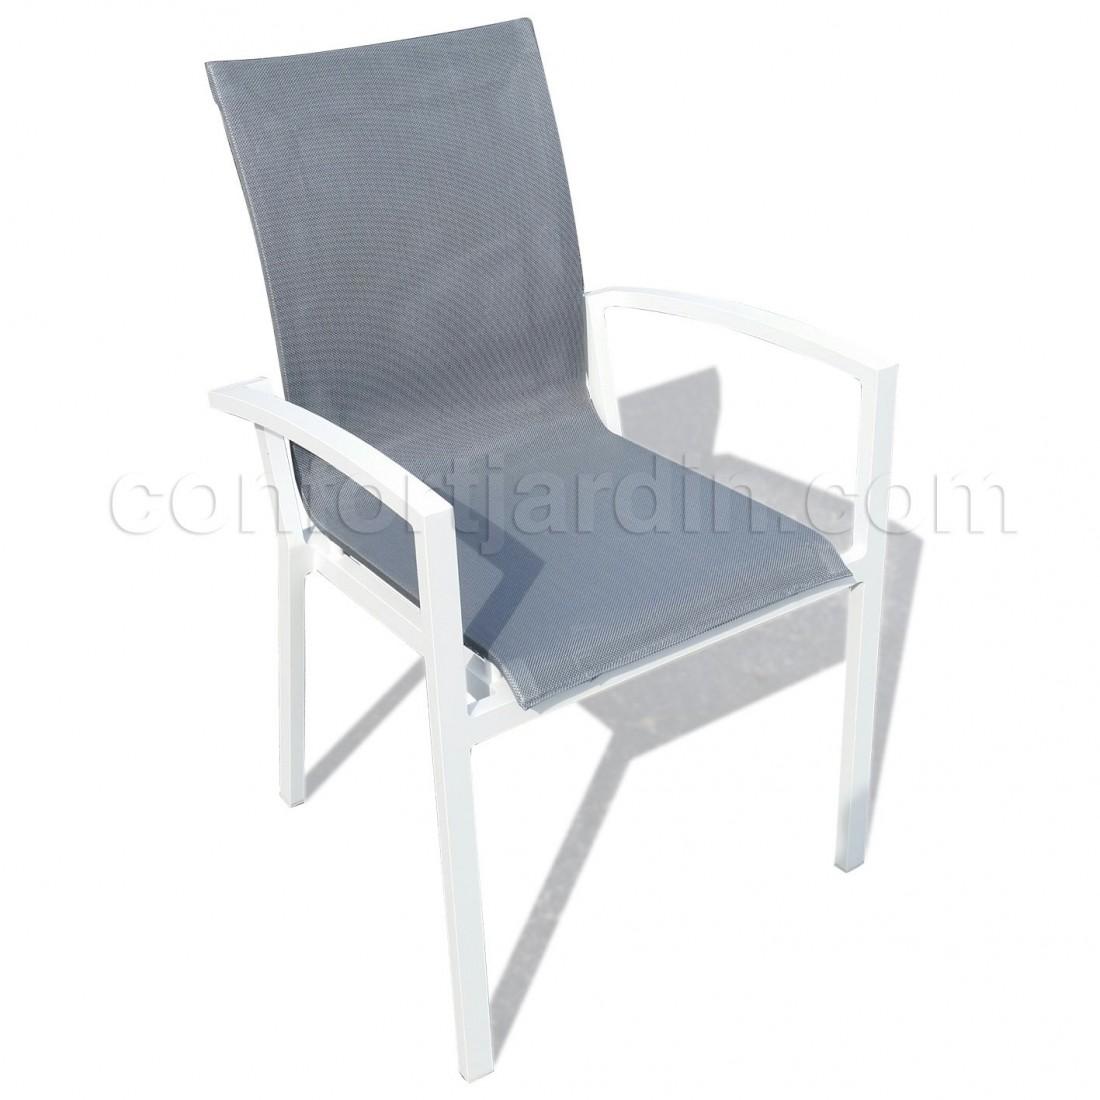 toile de rechange pour fauteuil repas atlantis batyline isi vlaemynck